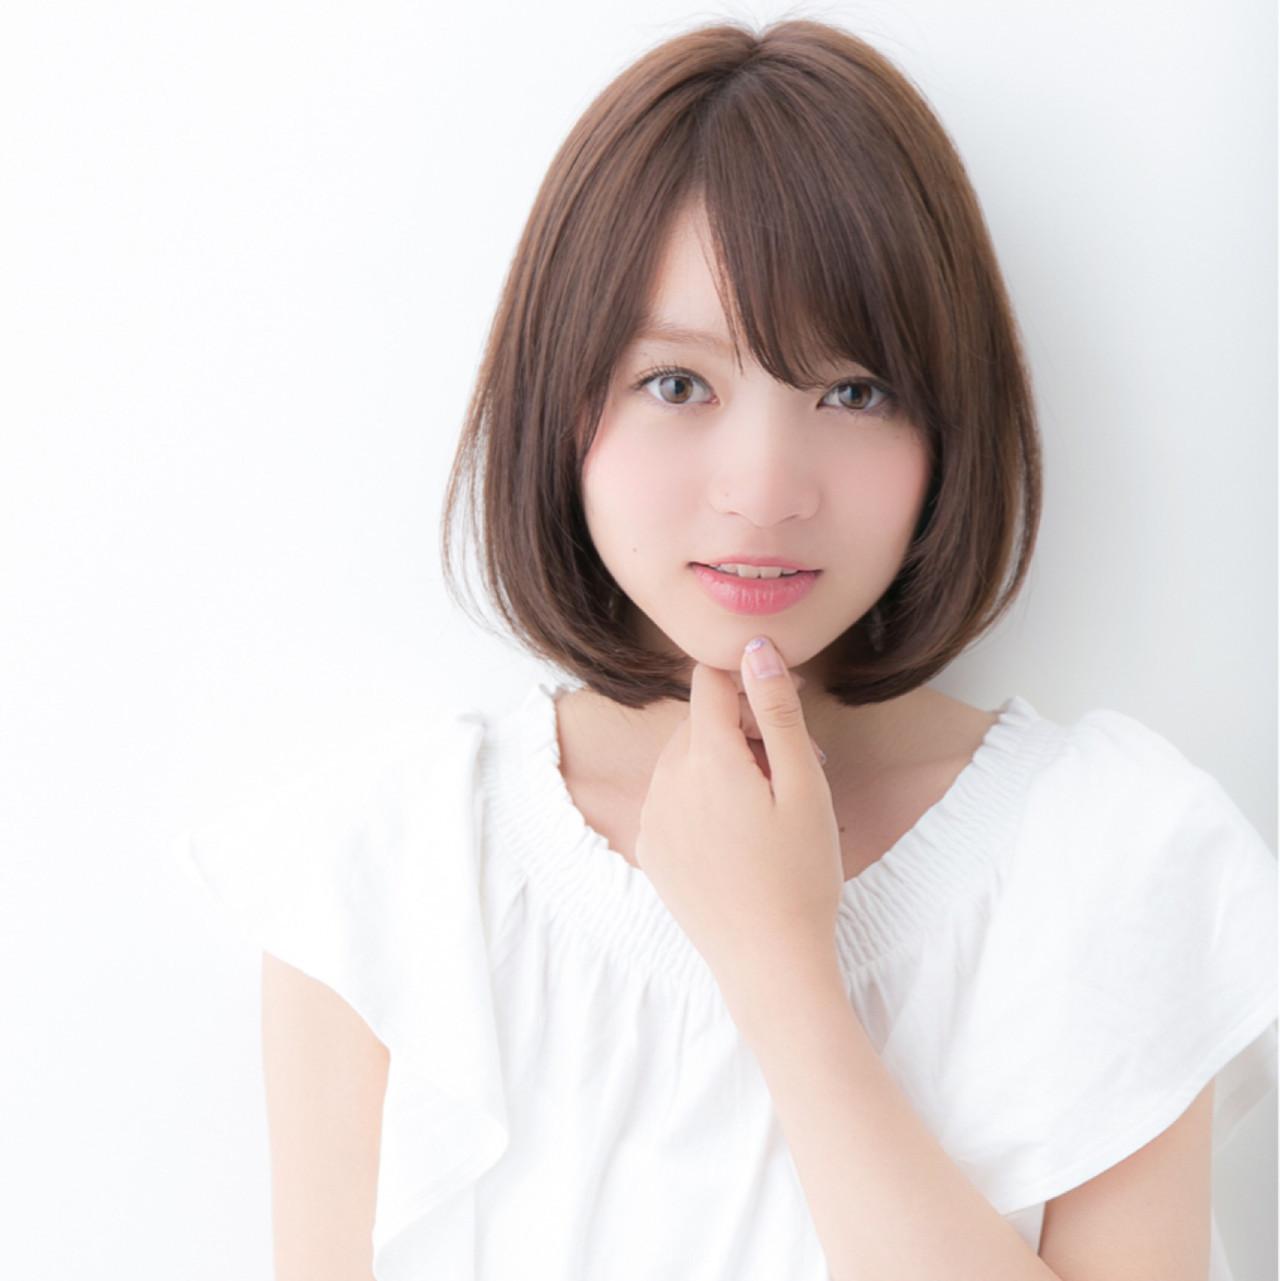 前髪でなりたい自分に!前髪の種類別にスタイルをチェックしてなりたい自分に♡ 東 純平